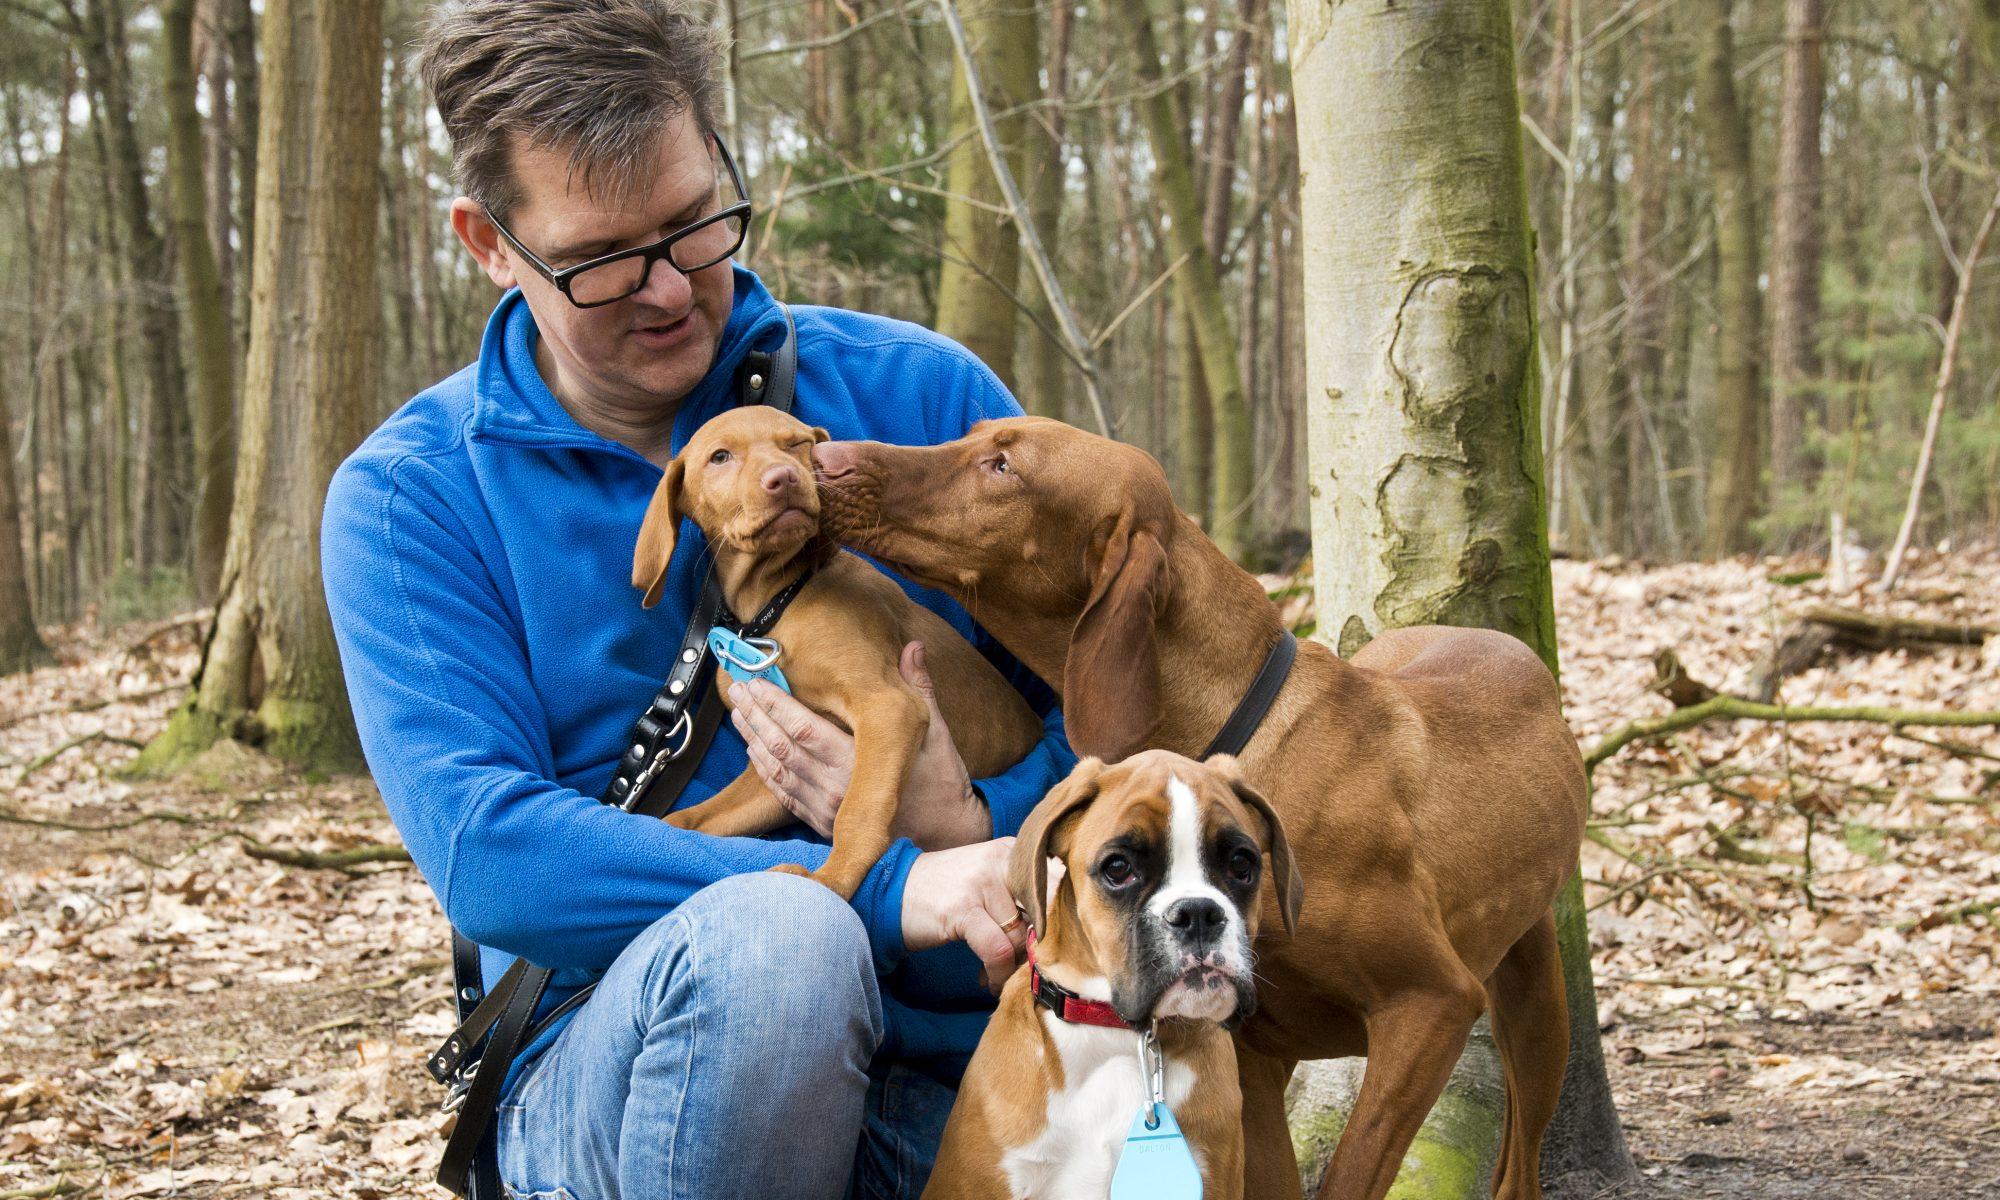 Contact met hondenuitlaatservice Mee met Hans